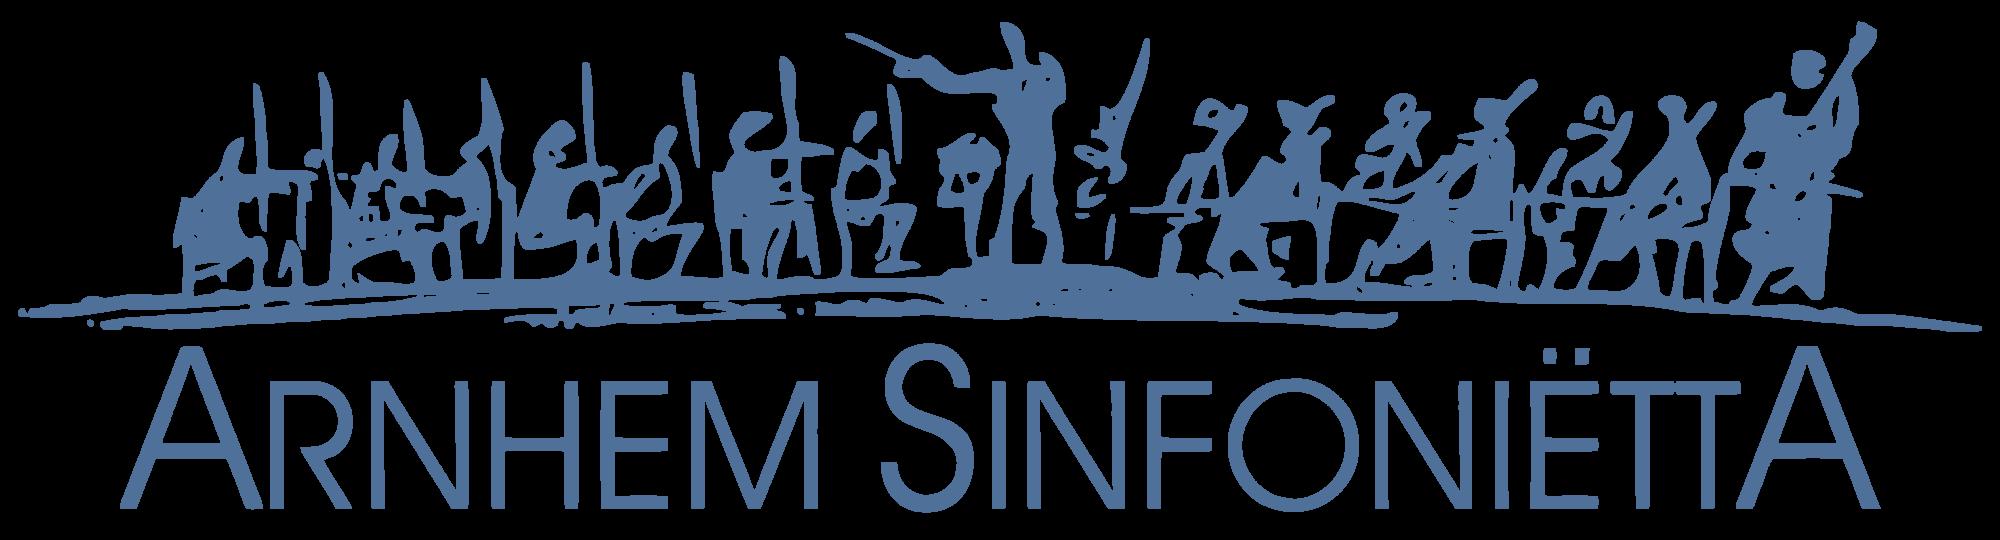 Arnhem Sinfonietta